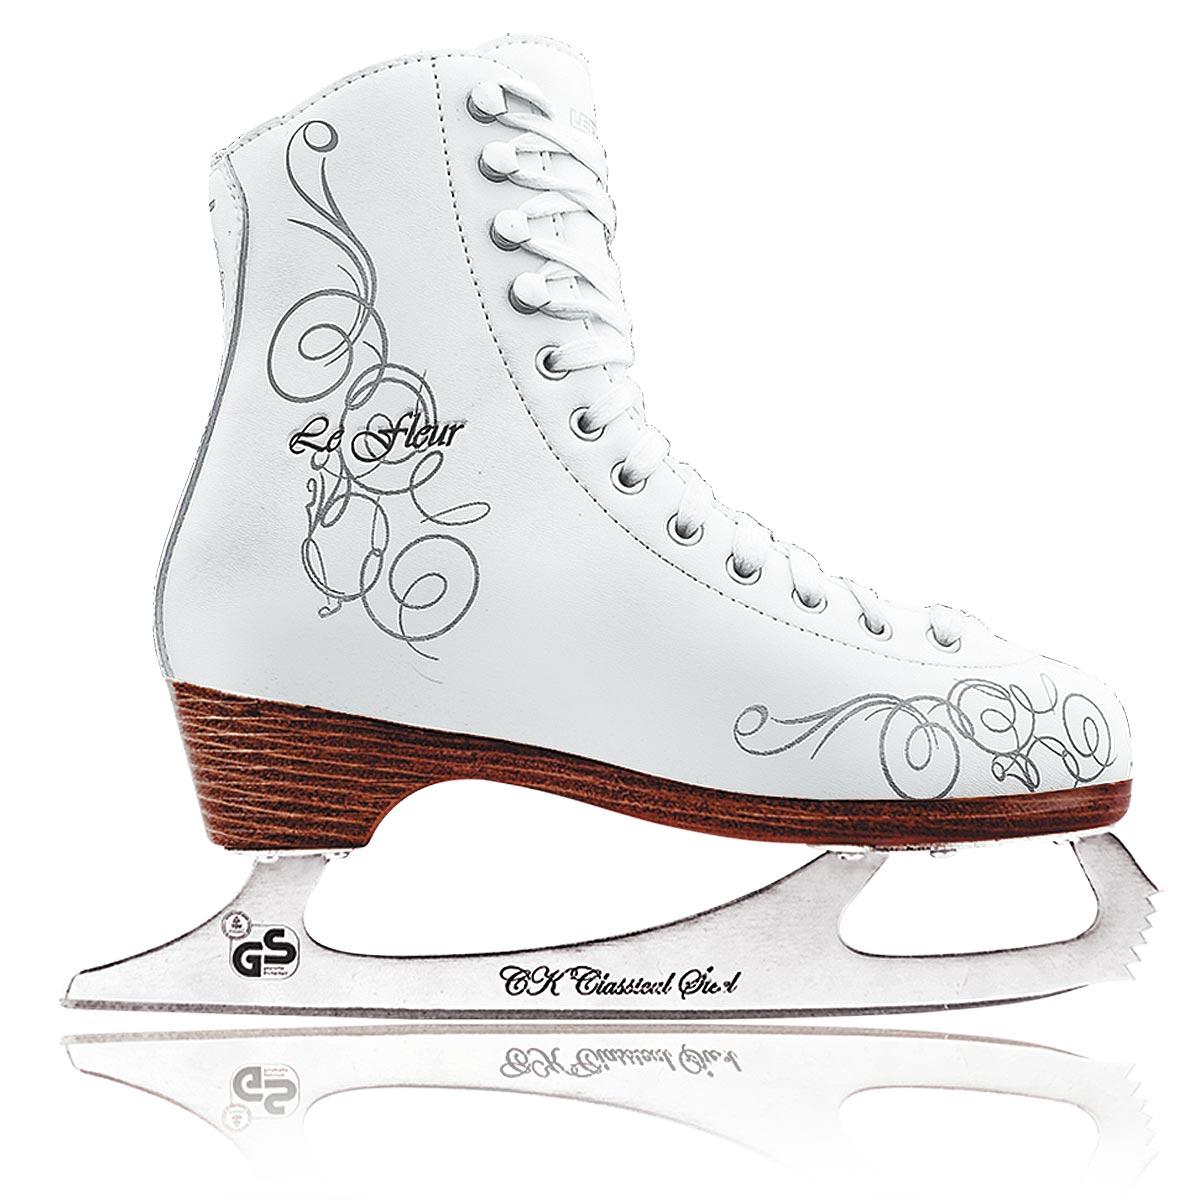 Коньки фигурные для девочки СК Le Fleur Fur, цвет: белый, серебряный. Размер 33LE FLEUR fur_белый, серебряный_33